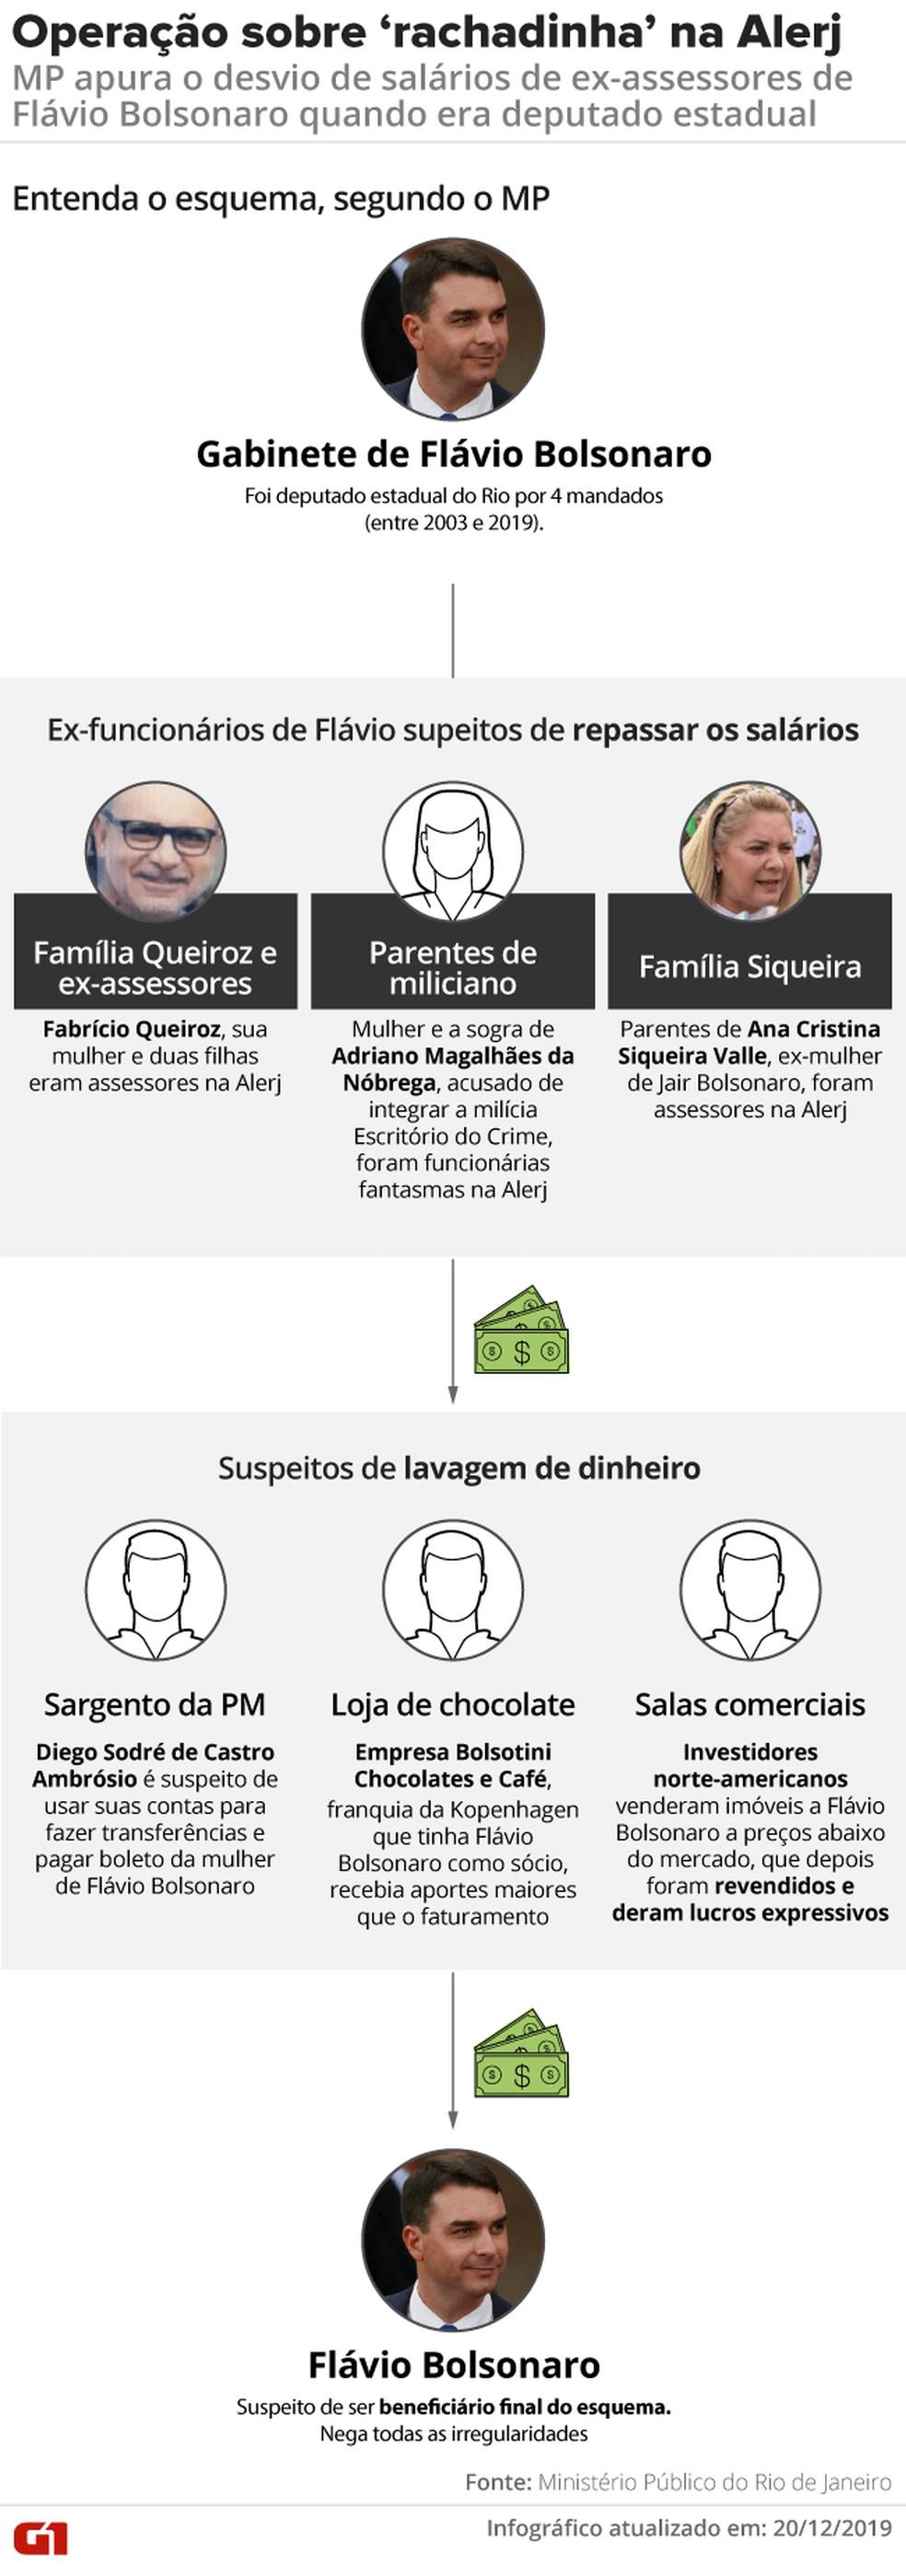 Entenda a suspeita de 'rachadinha' na Alerj envolvendo Flávio Bolsonaro quando era deputado estadual no Rio de Janeiro e o ex-assessor Fabrício Queiroz  — Foto: Rodrigo Sanches e Juliane Souza/G1